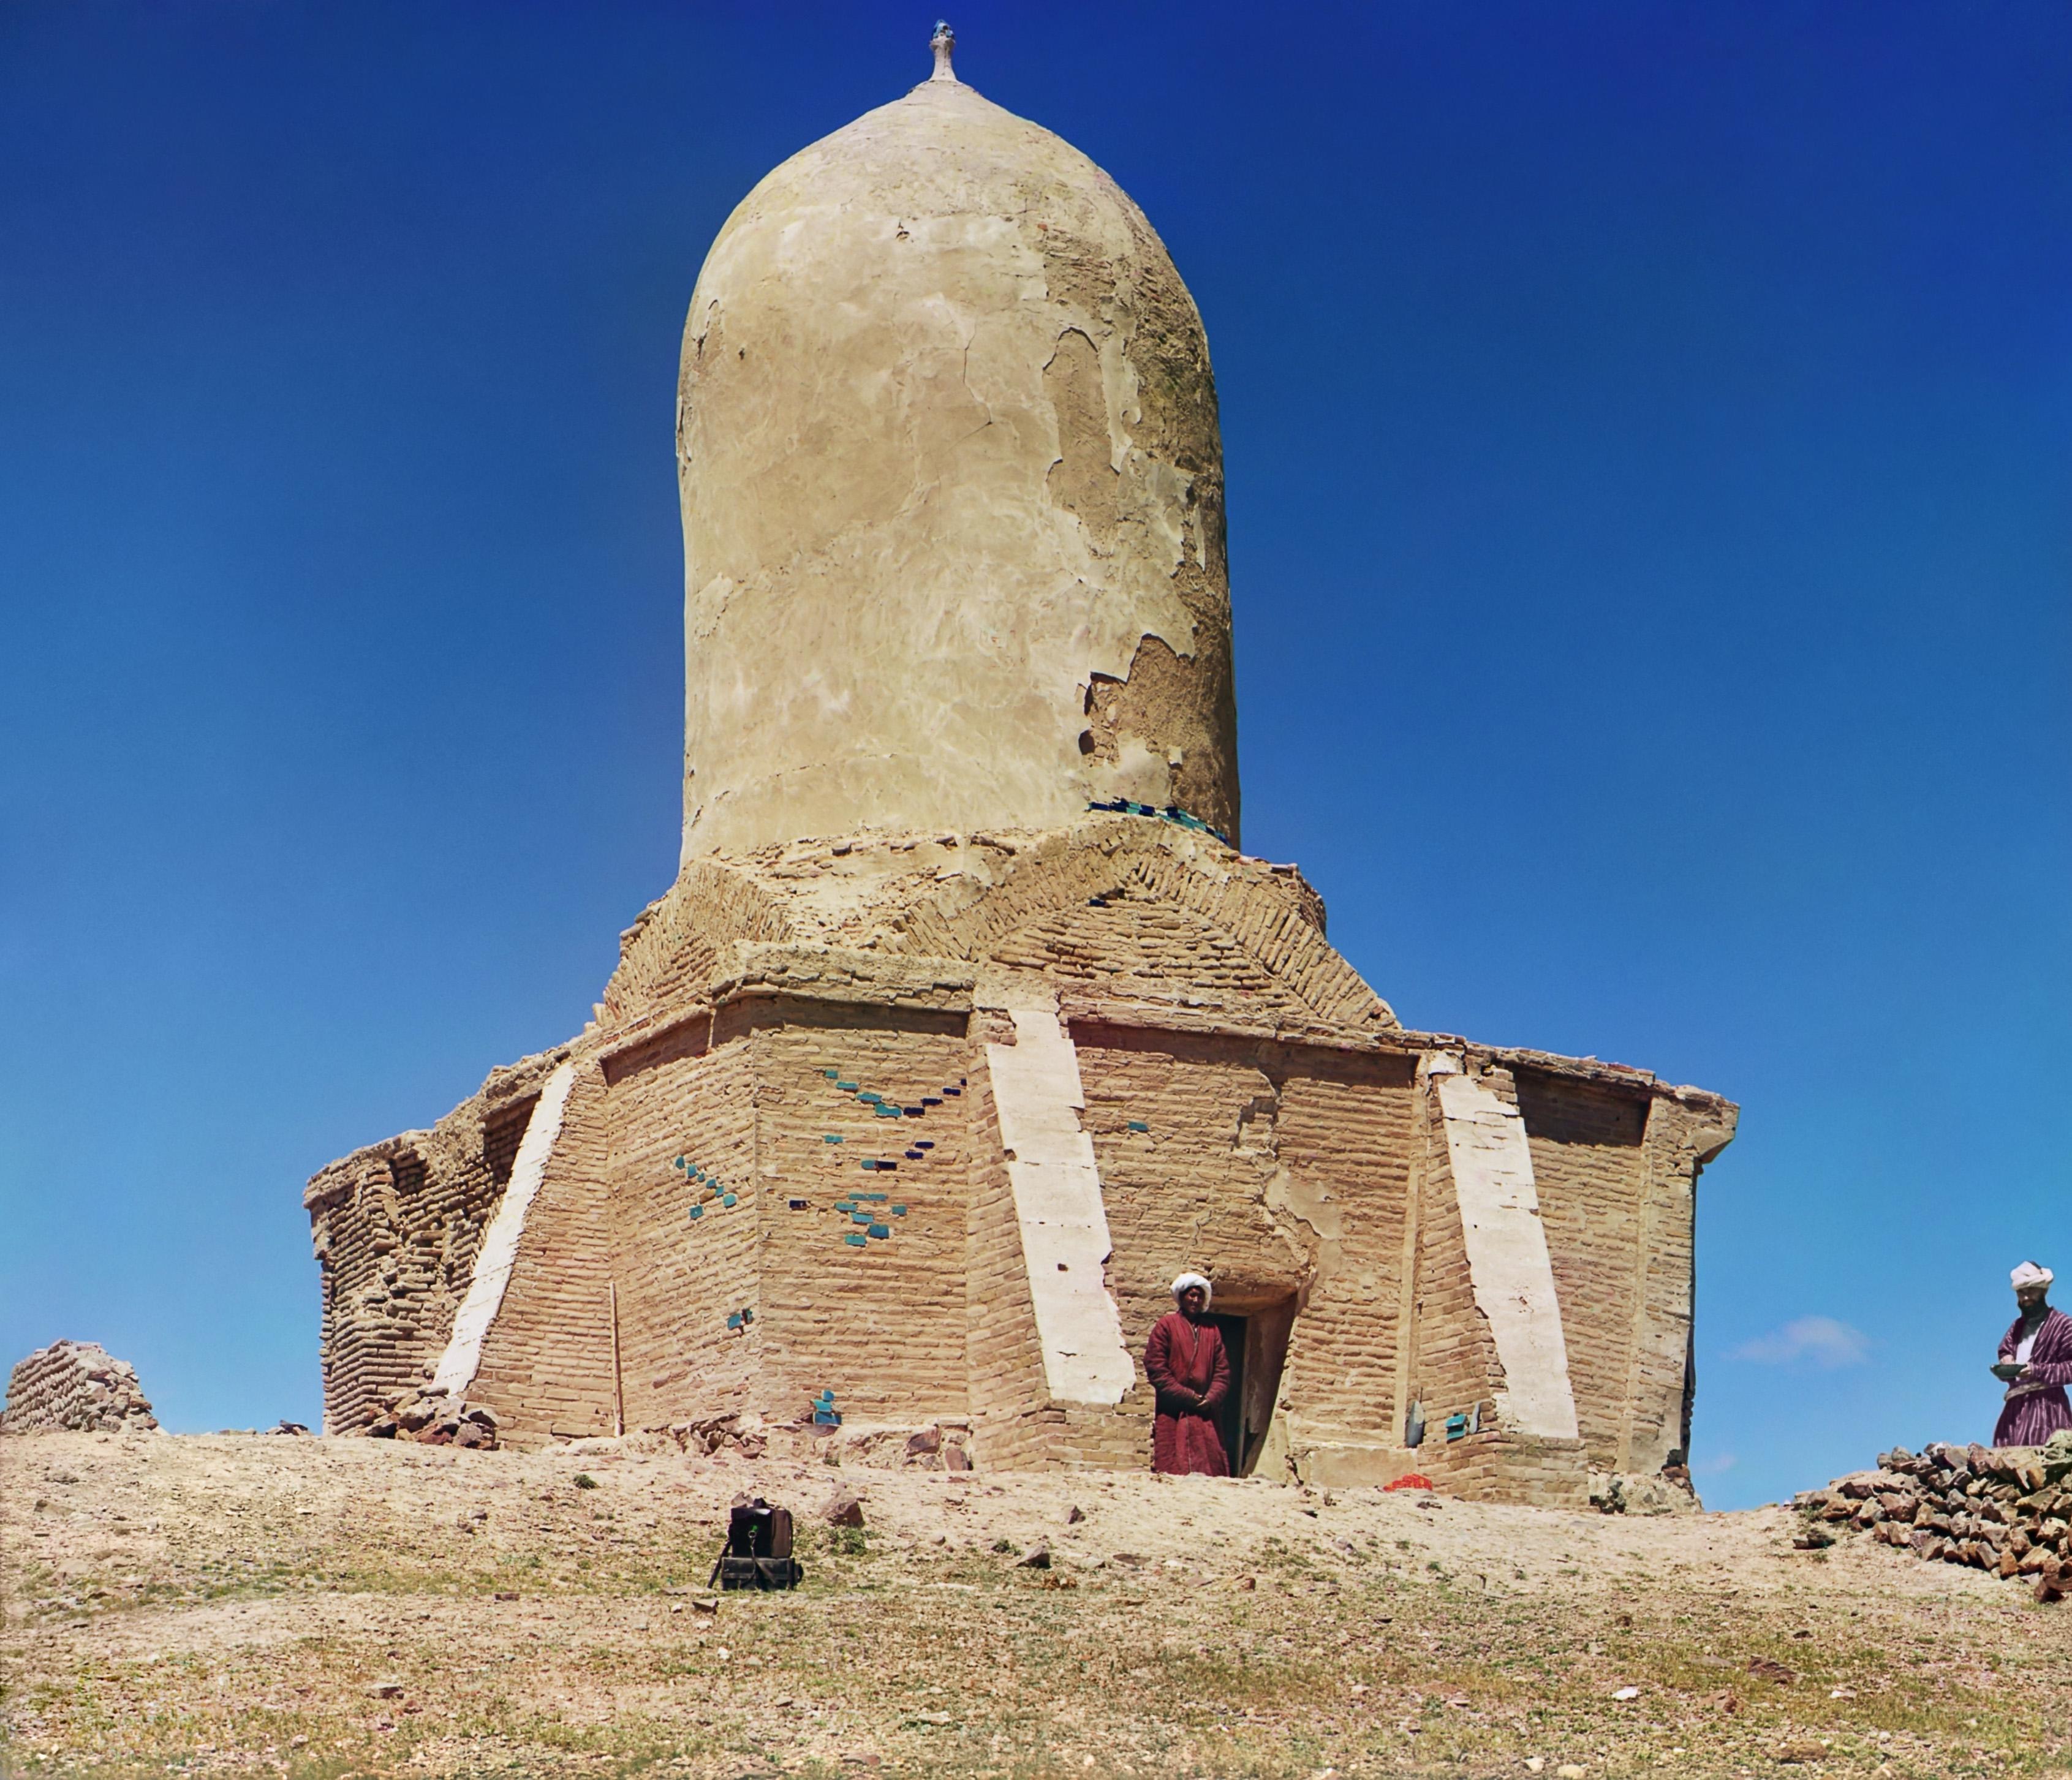 Окрестности Самарканда. Часовня (мазар) на горе Чапан-Ата в 5 верстах от Самарканда